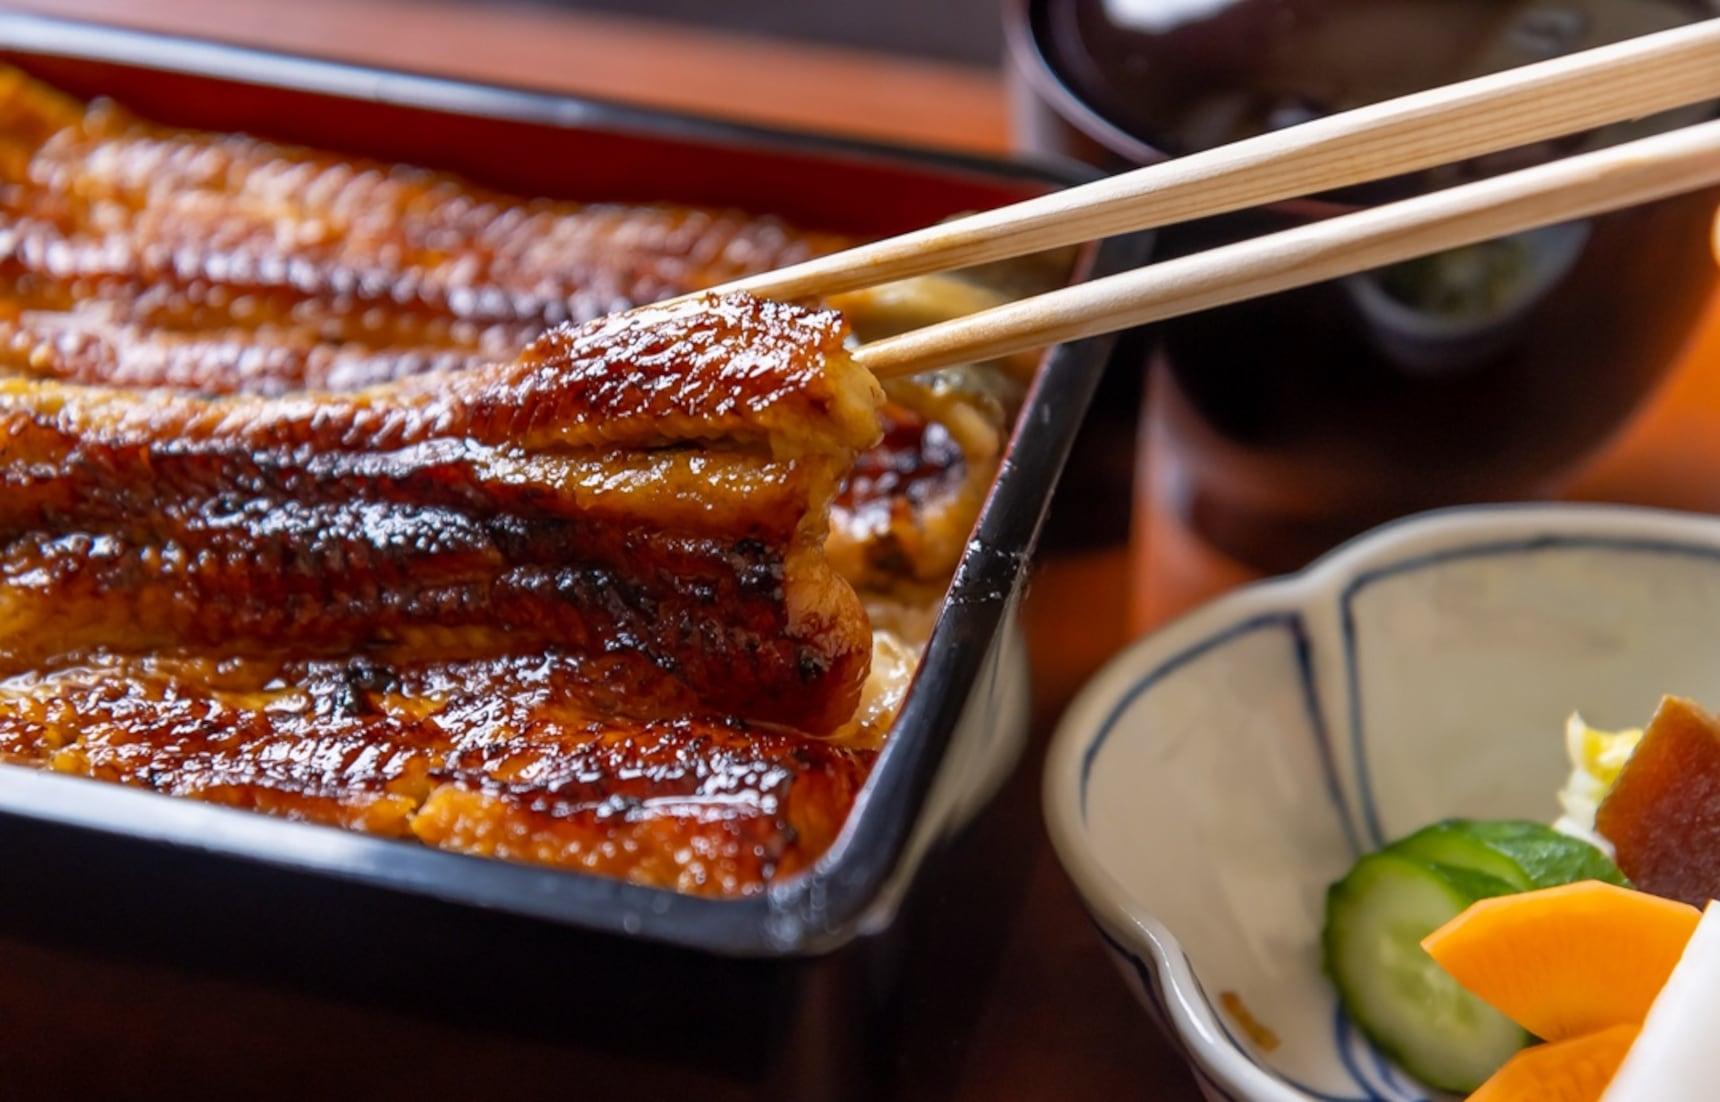 【食在東京】連續榮獲四年米其林推薦!融合法式料理手法的「和多遍」鰻重